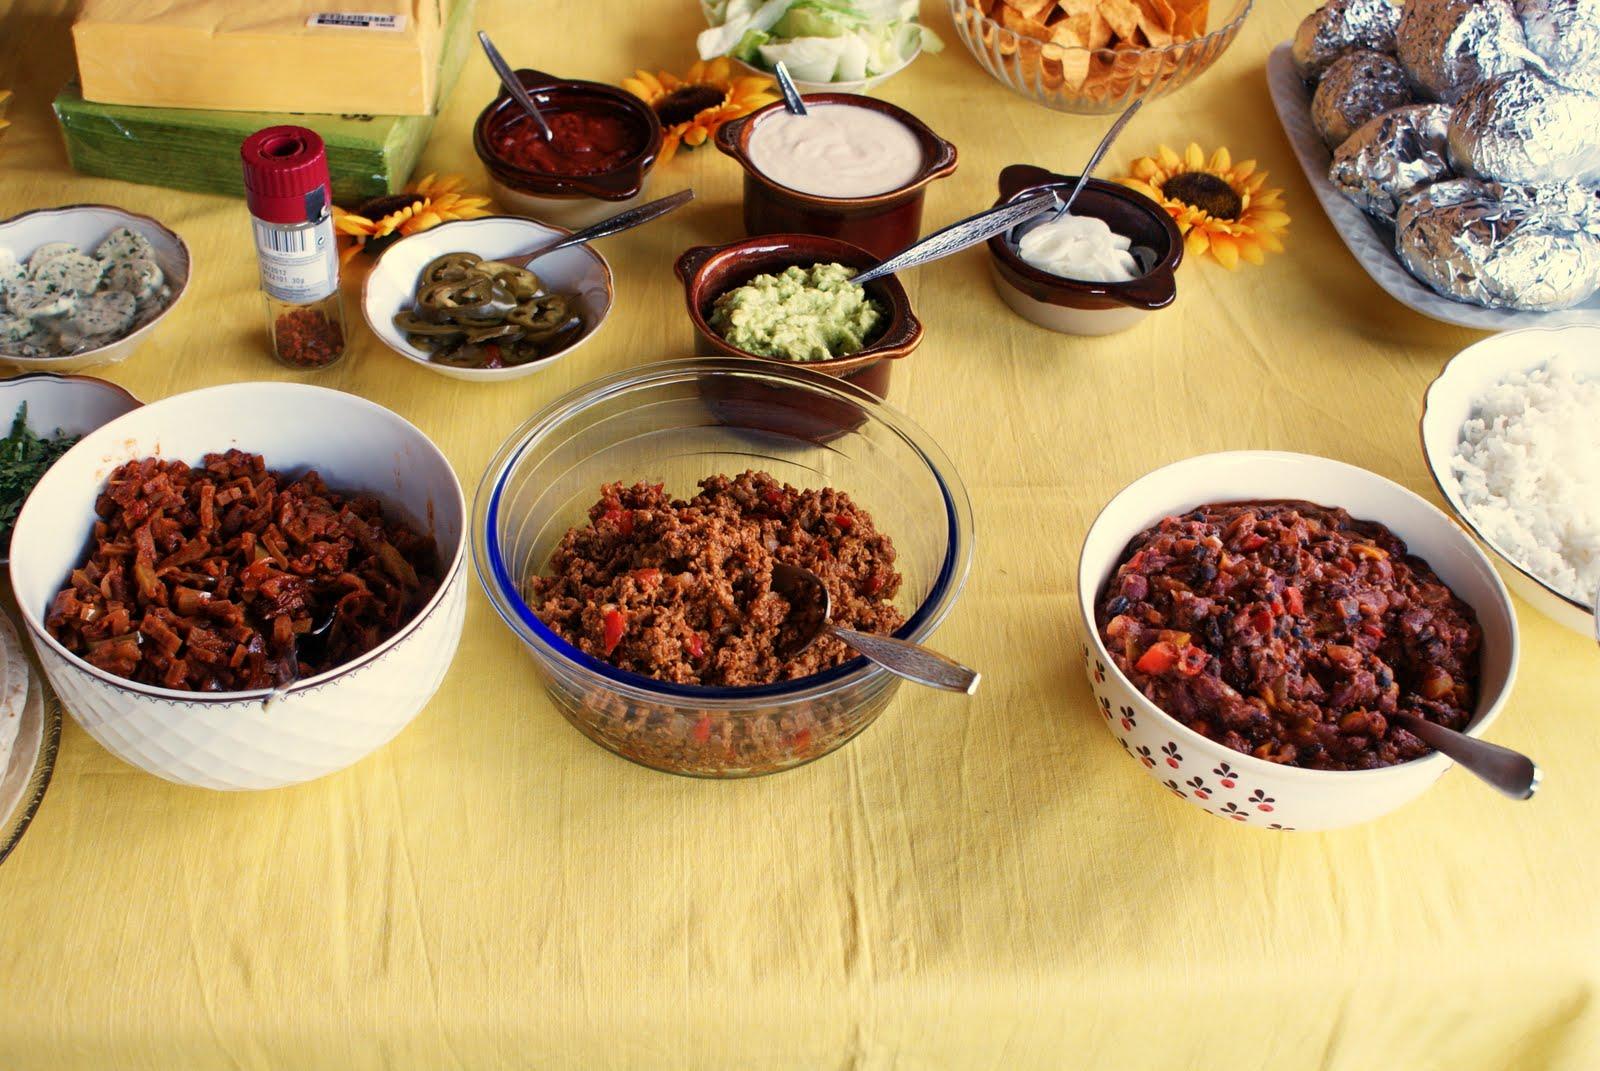 11 tipps fr die perfekte vegane party - Gartenparty Gartenpartys Mal Ganz Anders Ideen